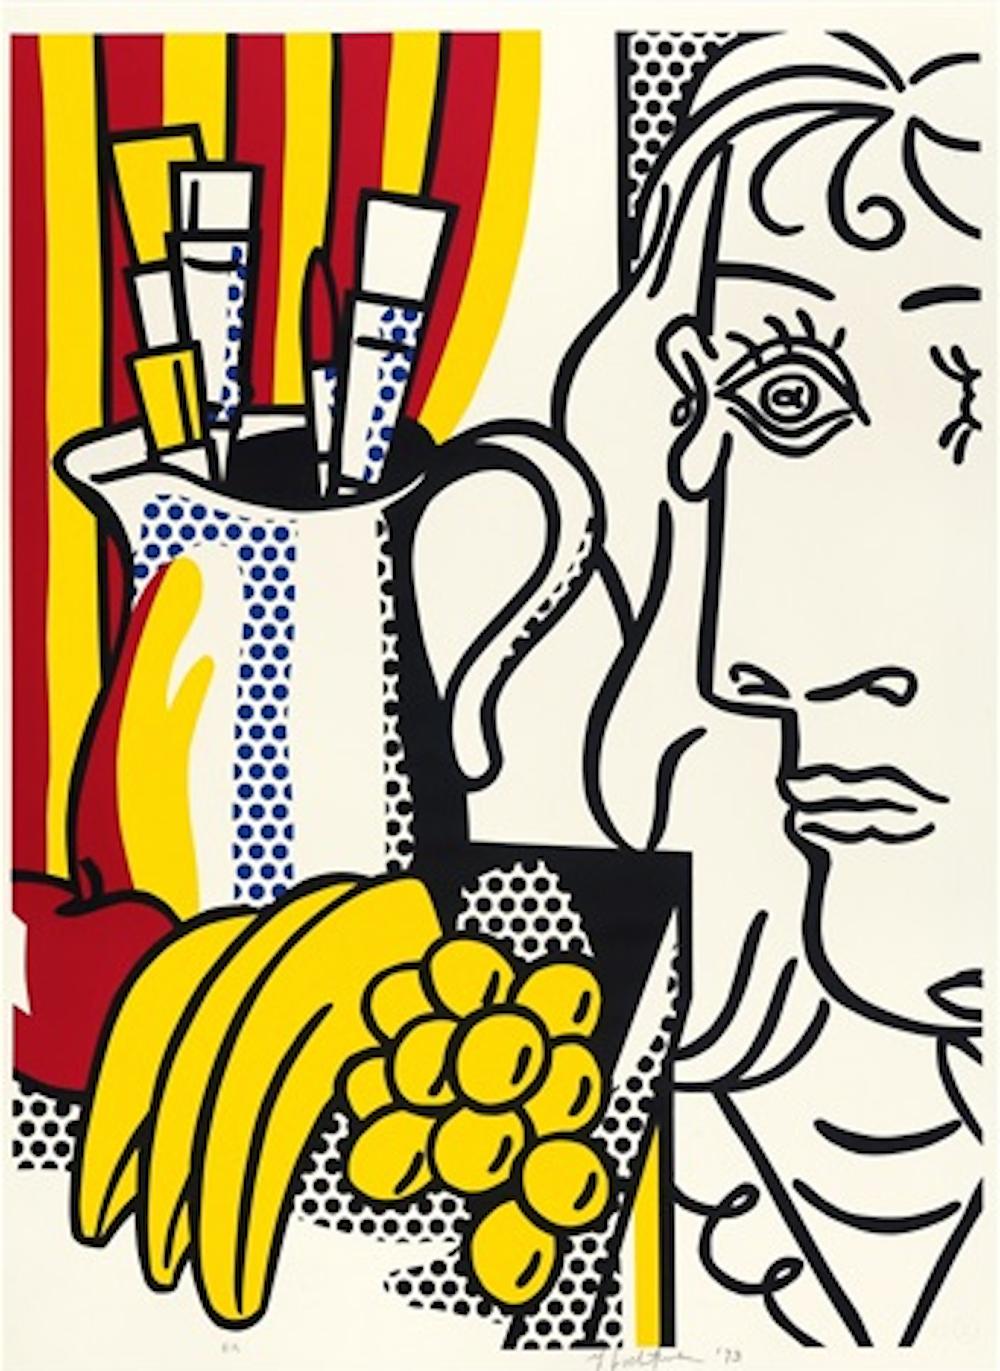 Still live with Picasso by Roy Lichtenstein